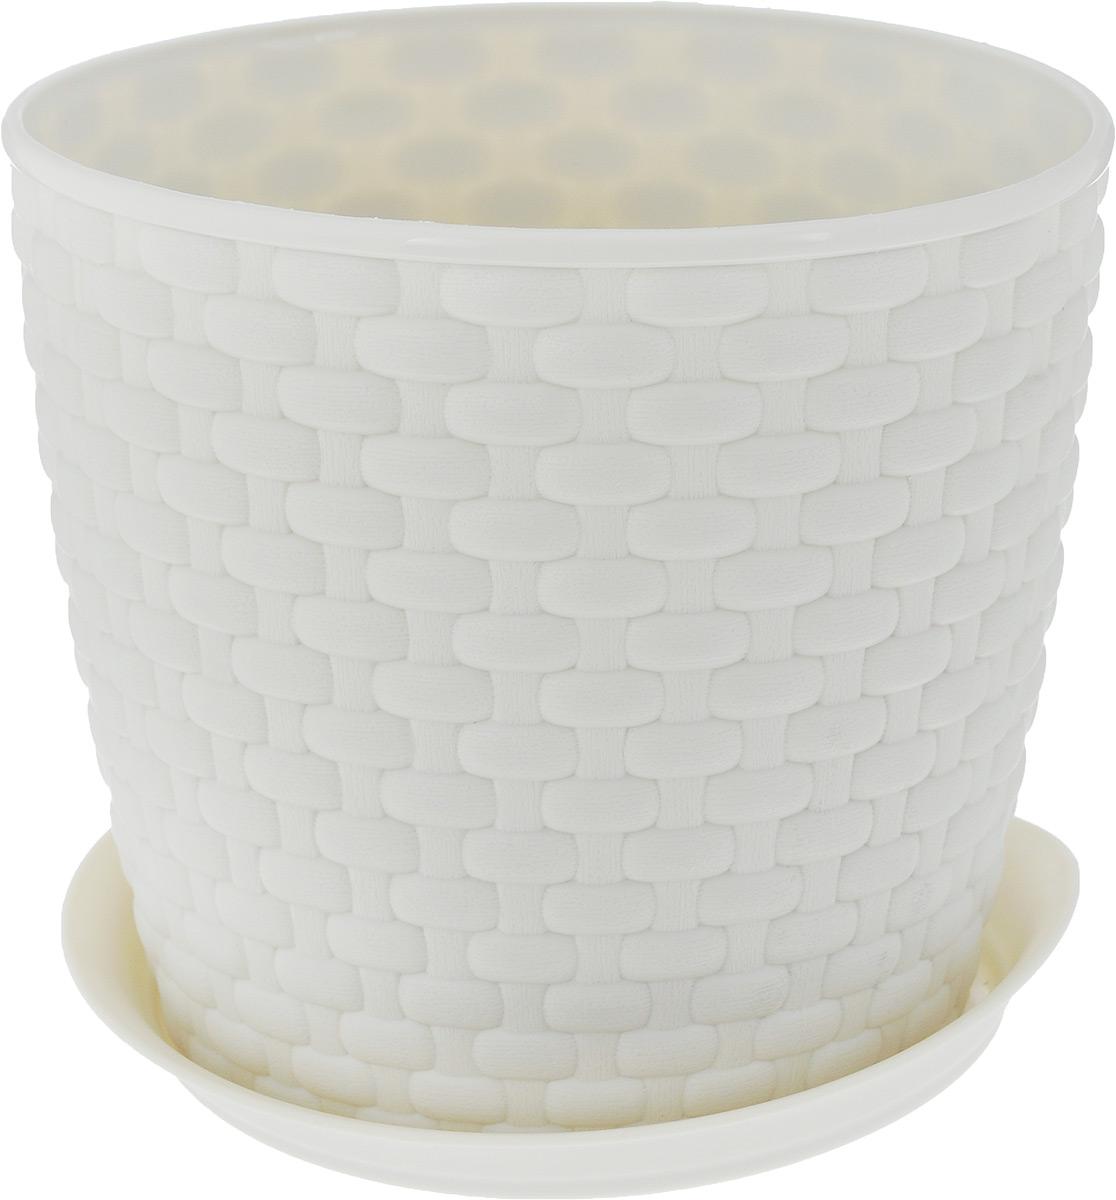 Кашпо Idea Ротанг, с поддоном, цвет: экрю, 2 л531-401Кашпо Idea Ротанг изготовлено из высококачественного пластика. Специальный поддон предназначен для стока воды. Изделие прекрасно подходит для выращивания растений и цветов в домашних условиях. Лаконичный дизайн впишется в интерьер любого помещения. Диаметр поддона: 15,5 см. Объем кашпо: 2 л.Диаметр кашпо по верхнему краю: 15,5 см.Высота кашпо: 13,5 см.